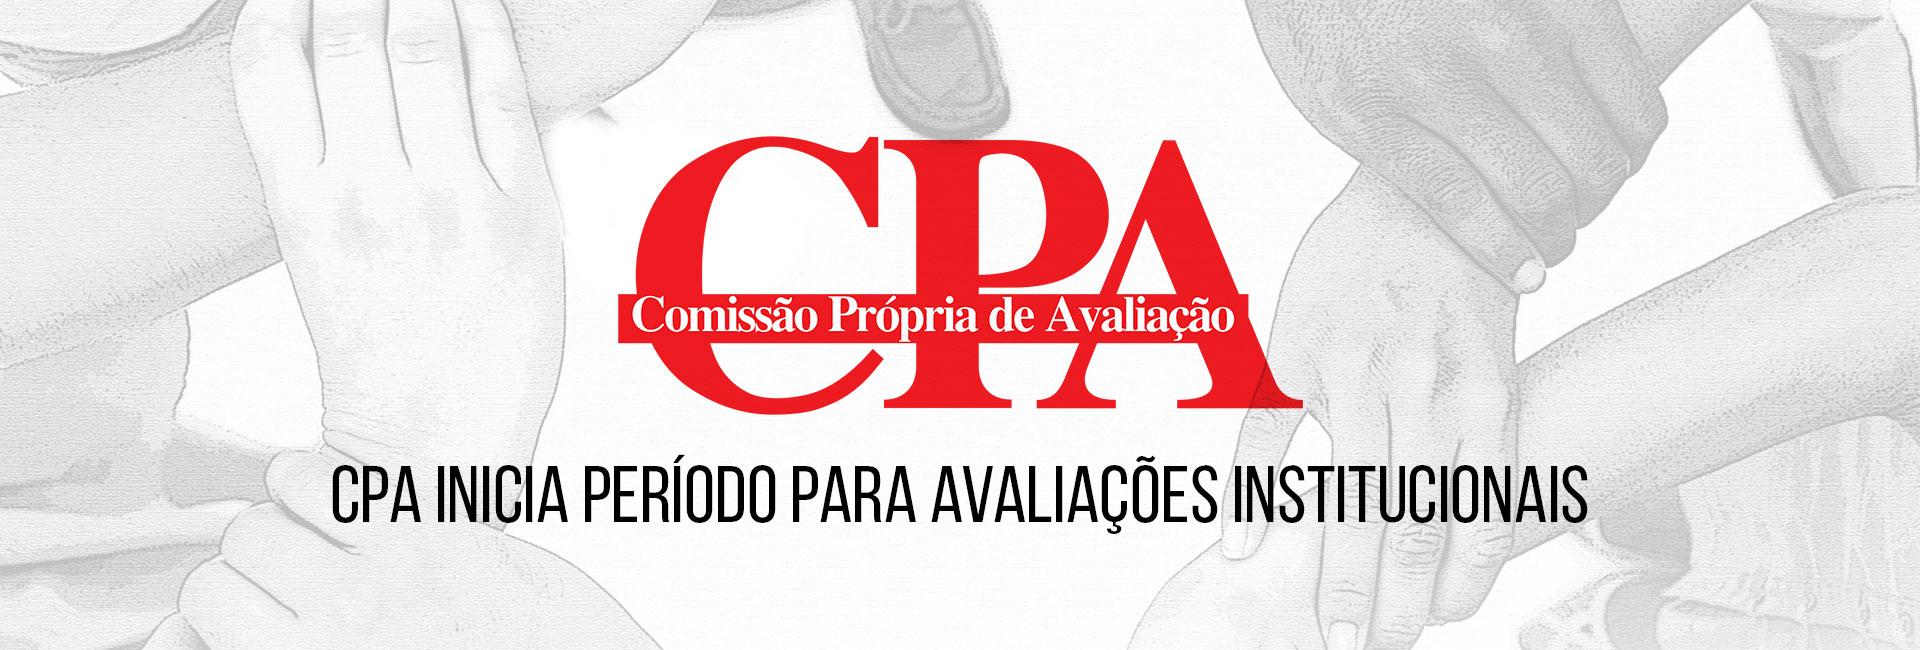 CPA Inicia período para avaliações institucionais